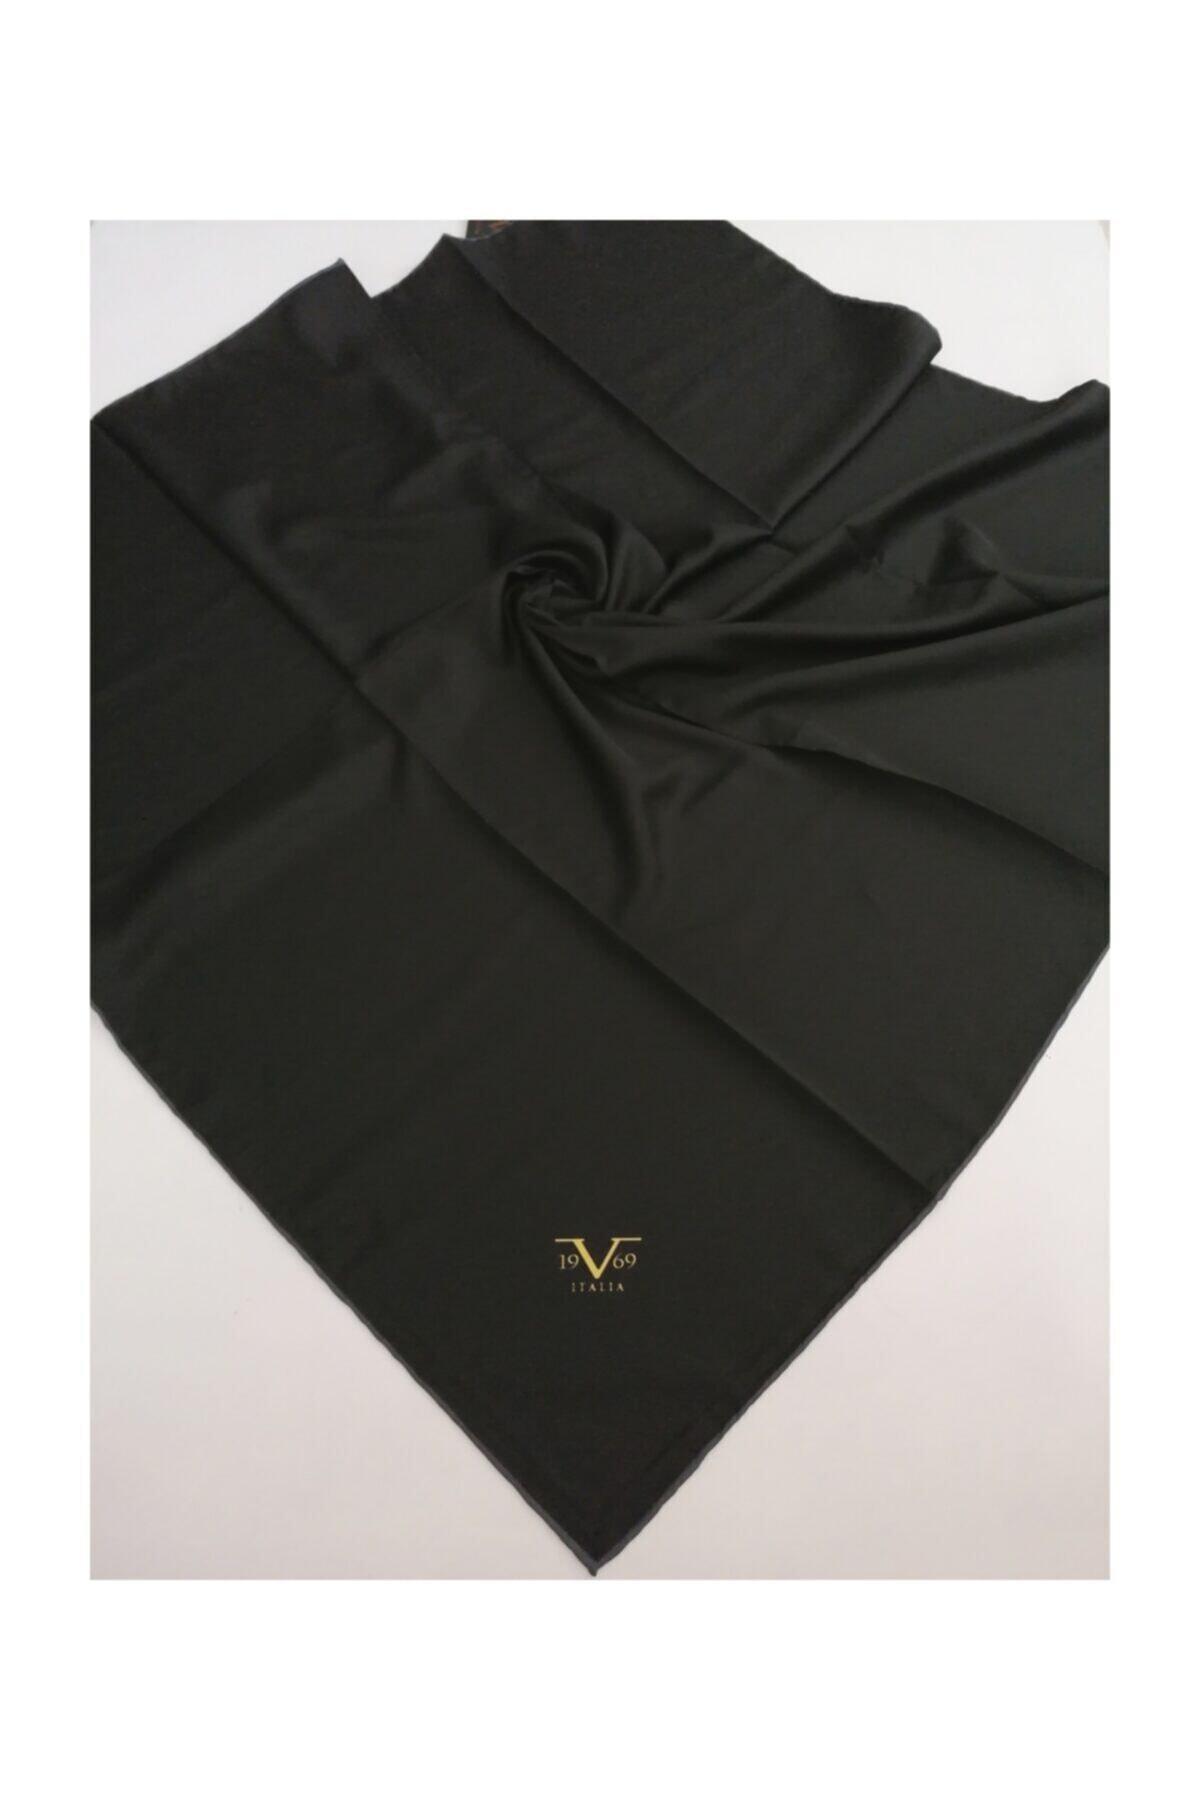 Kadın Siyah Twill Eşarp Black Seri 90x90 cm Eşarp Askısı İle Birlikte 10347-v43